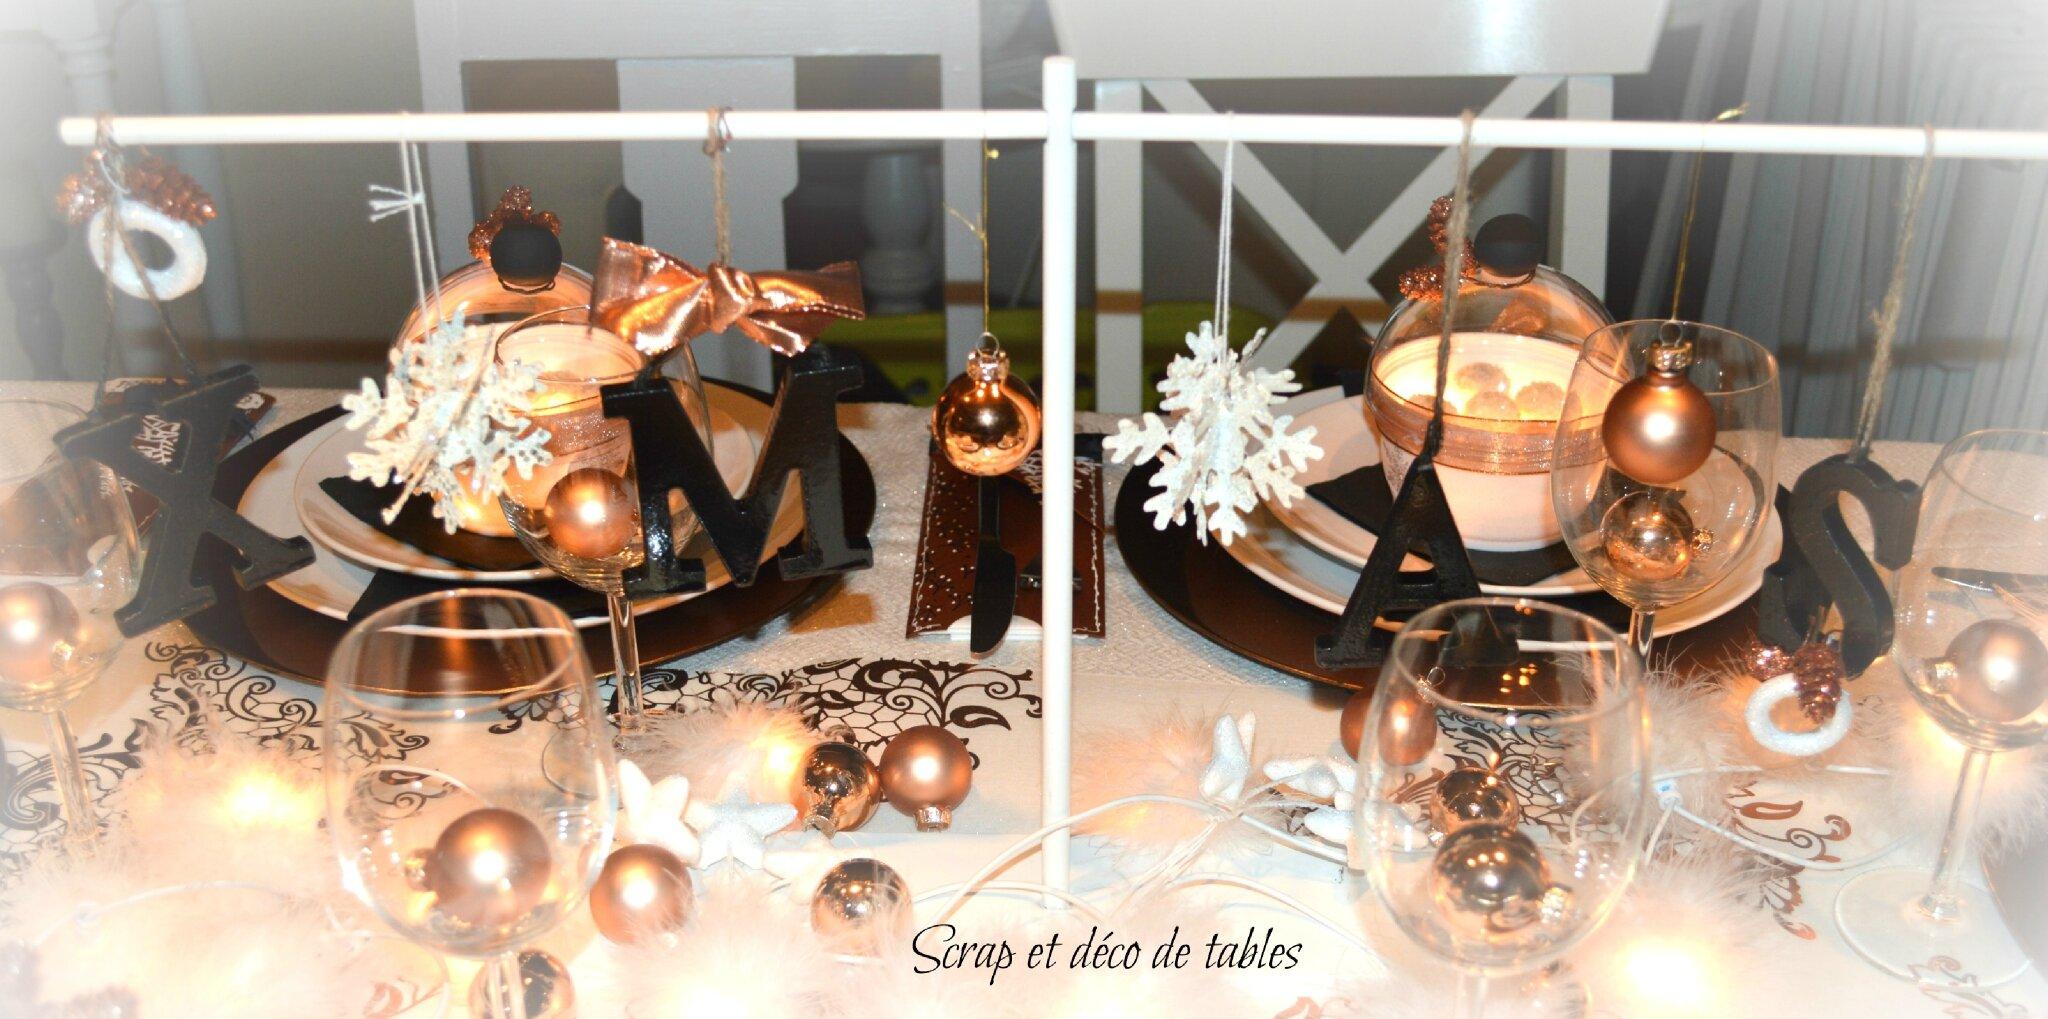 decoration de table de no l cuivre scrap et d co de tables. Black Bedroom Furniture Sets. Home Design Ideas